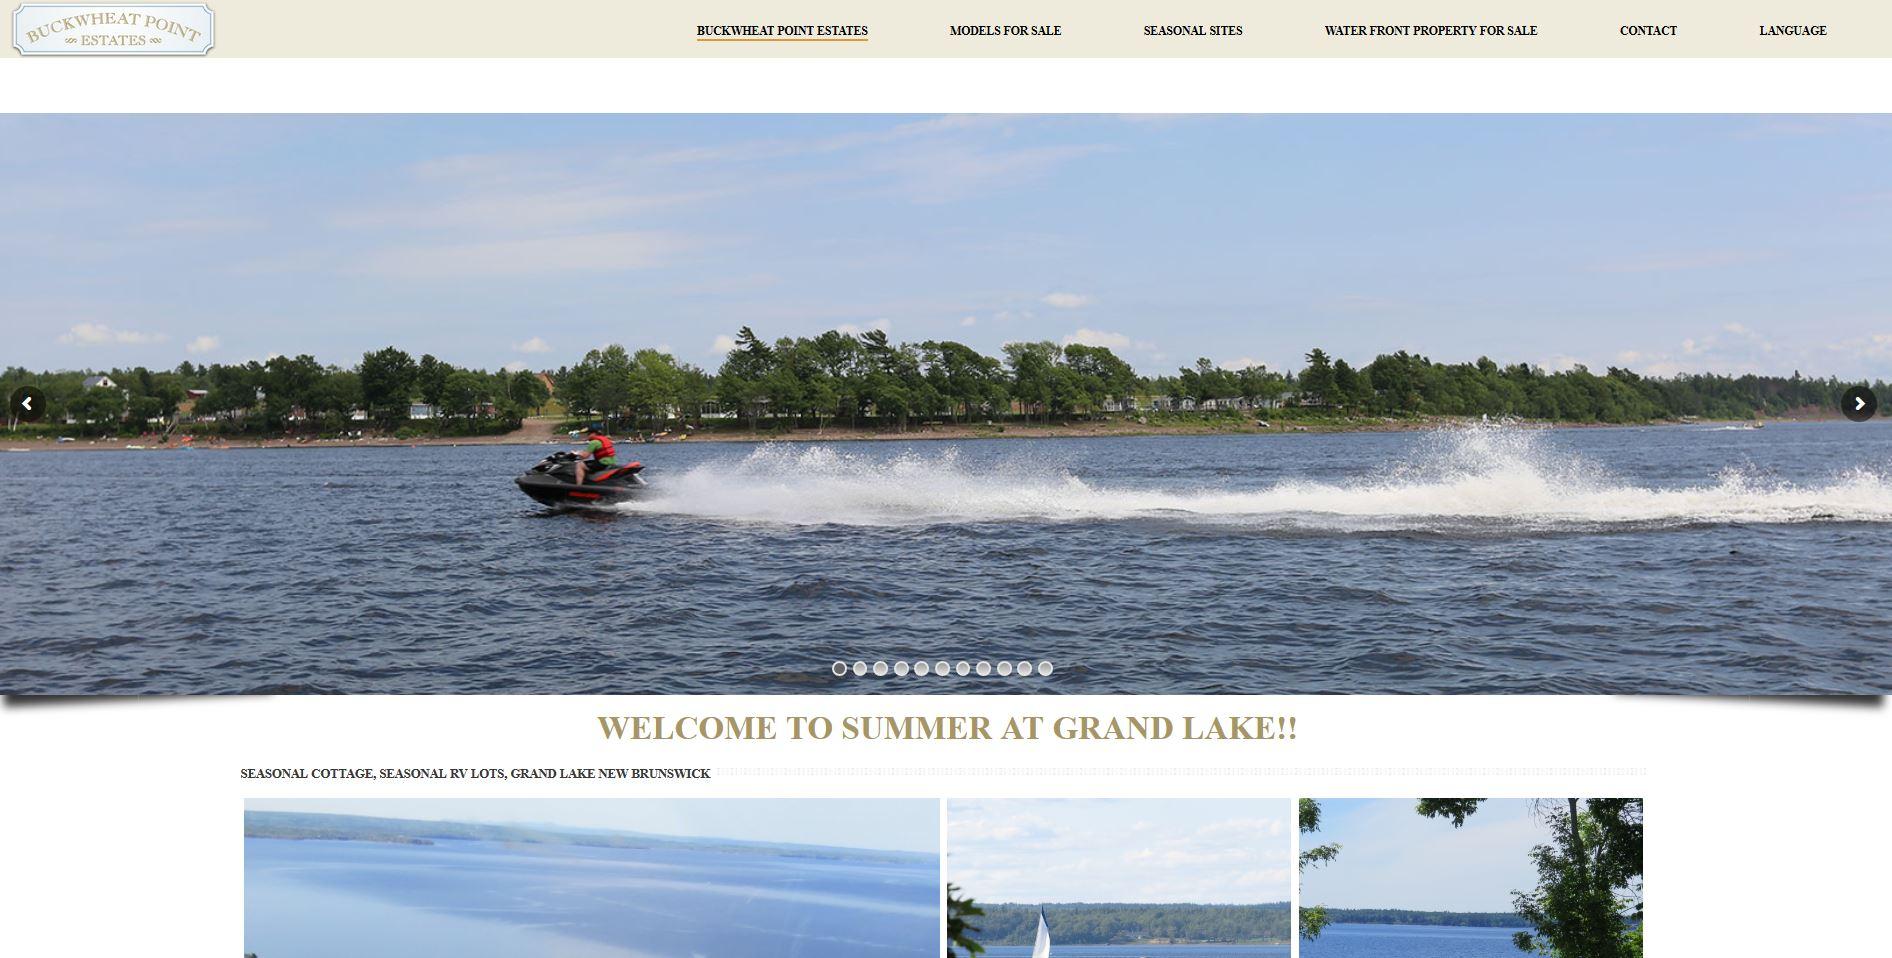 Buckwheat point Estates Website Design Internet Marketing